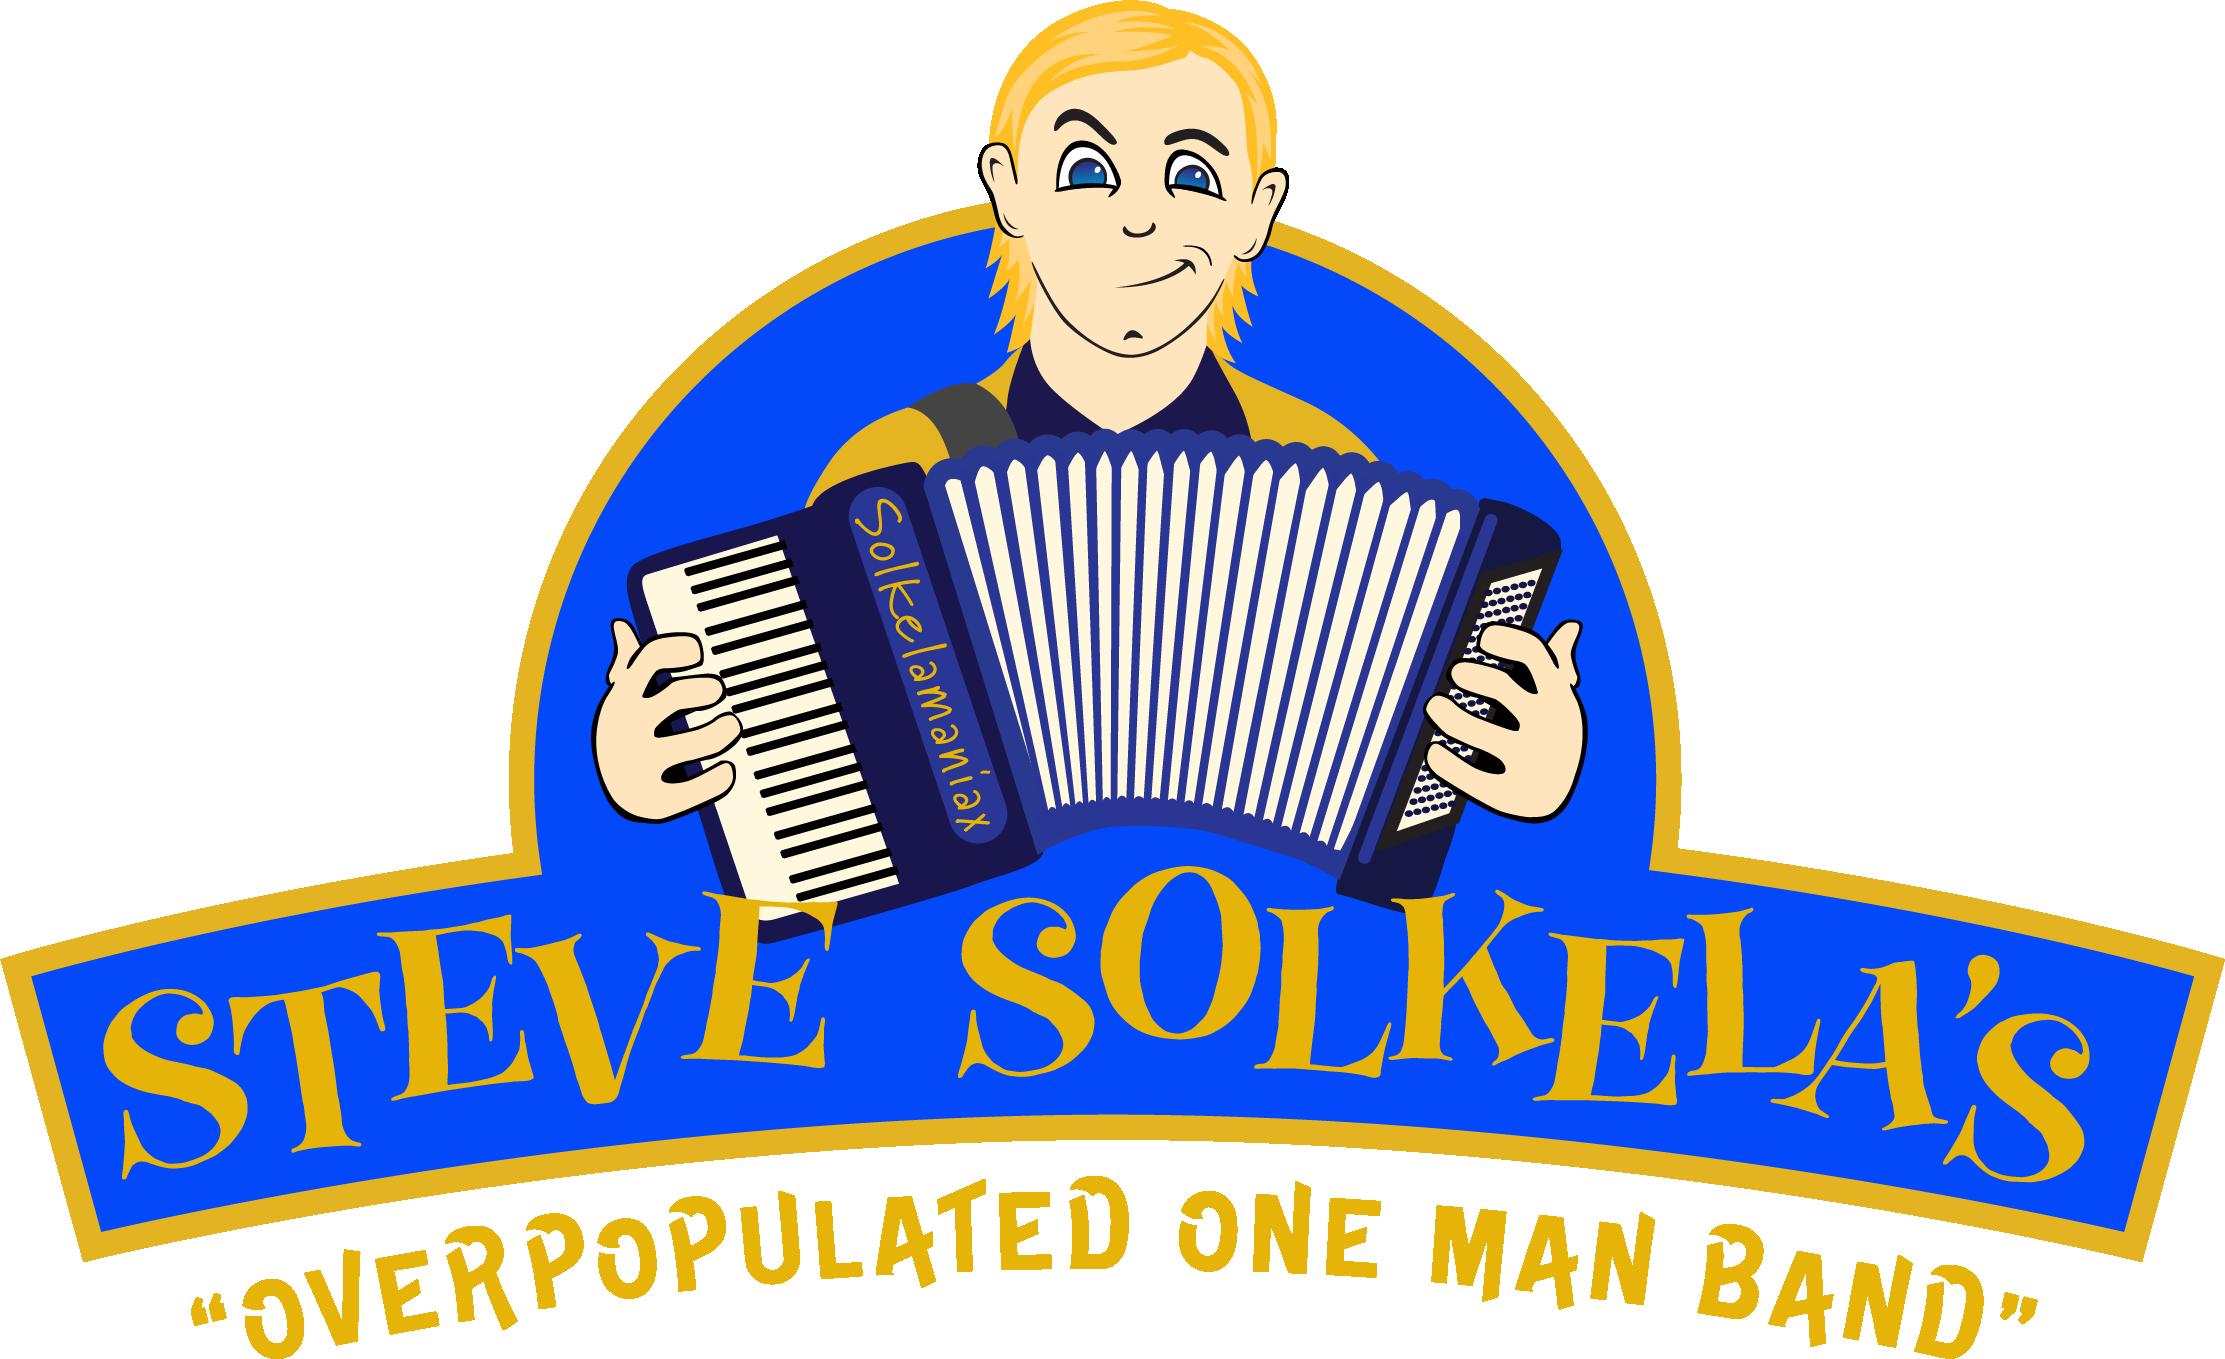 Steve Solkela logo